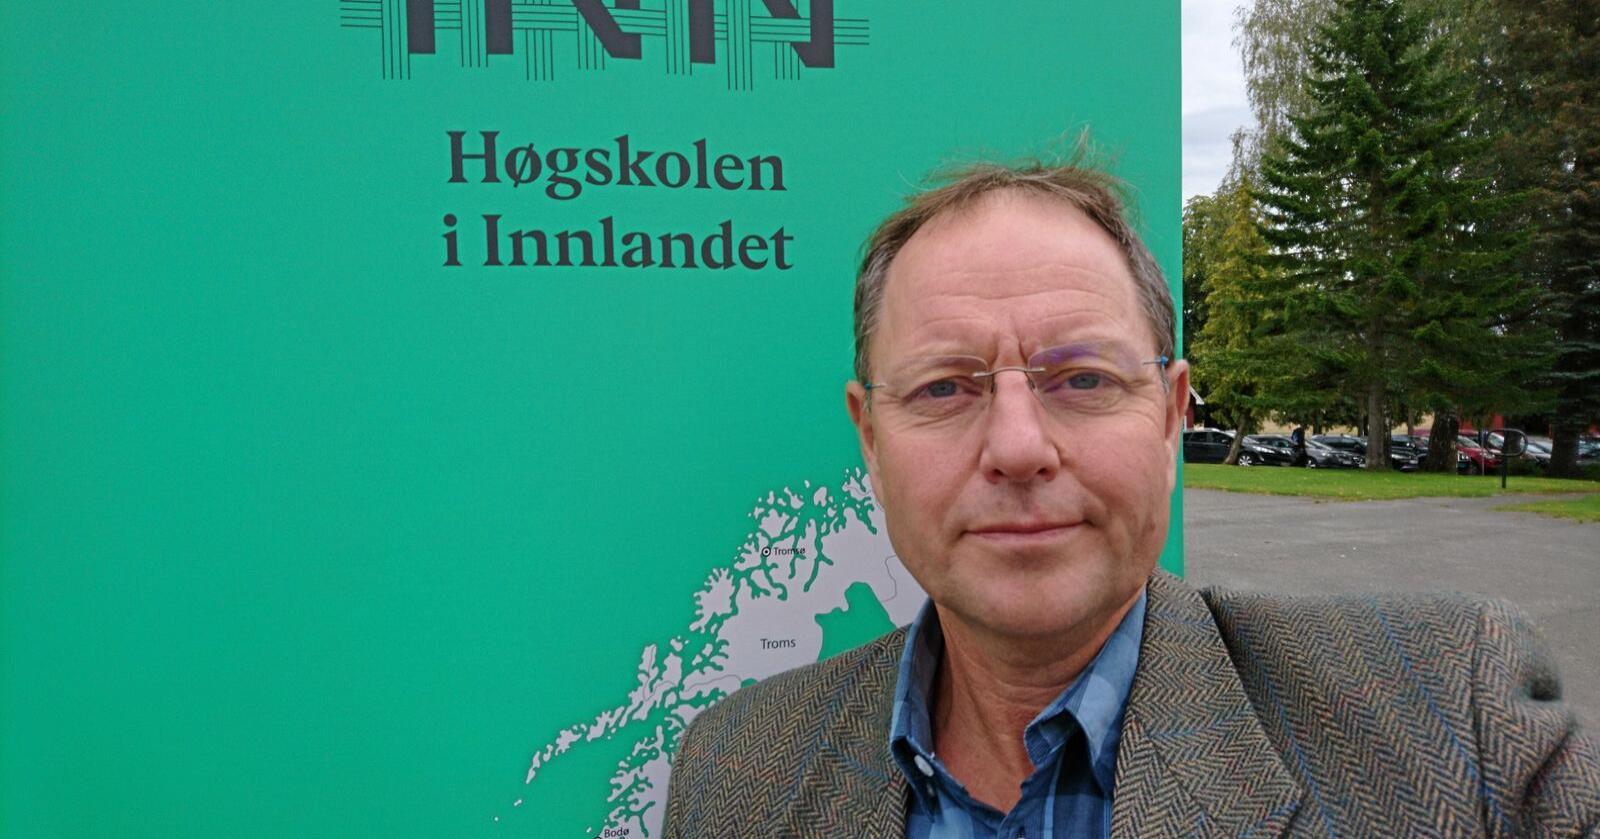 Thomas Cottis er en av grunnleggerne av Klimanettverket og har langt fartstid i SVs miljøpolitiske arbeid. Han mener SV bør prioritere klima foran rovdyrpolitikken i regjeringsforhandlingene mellom Ap, SV og Sp. Foto: privat